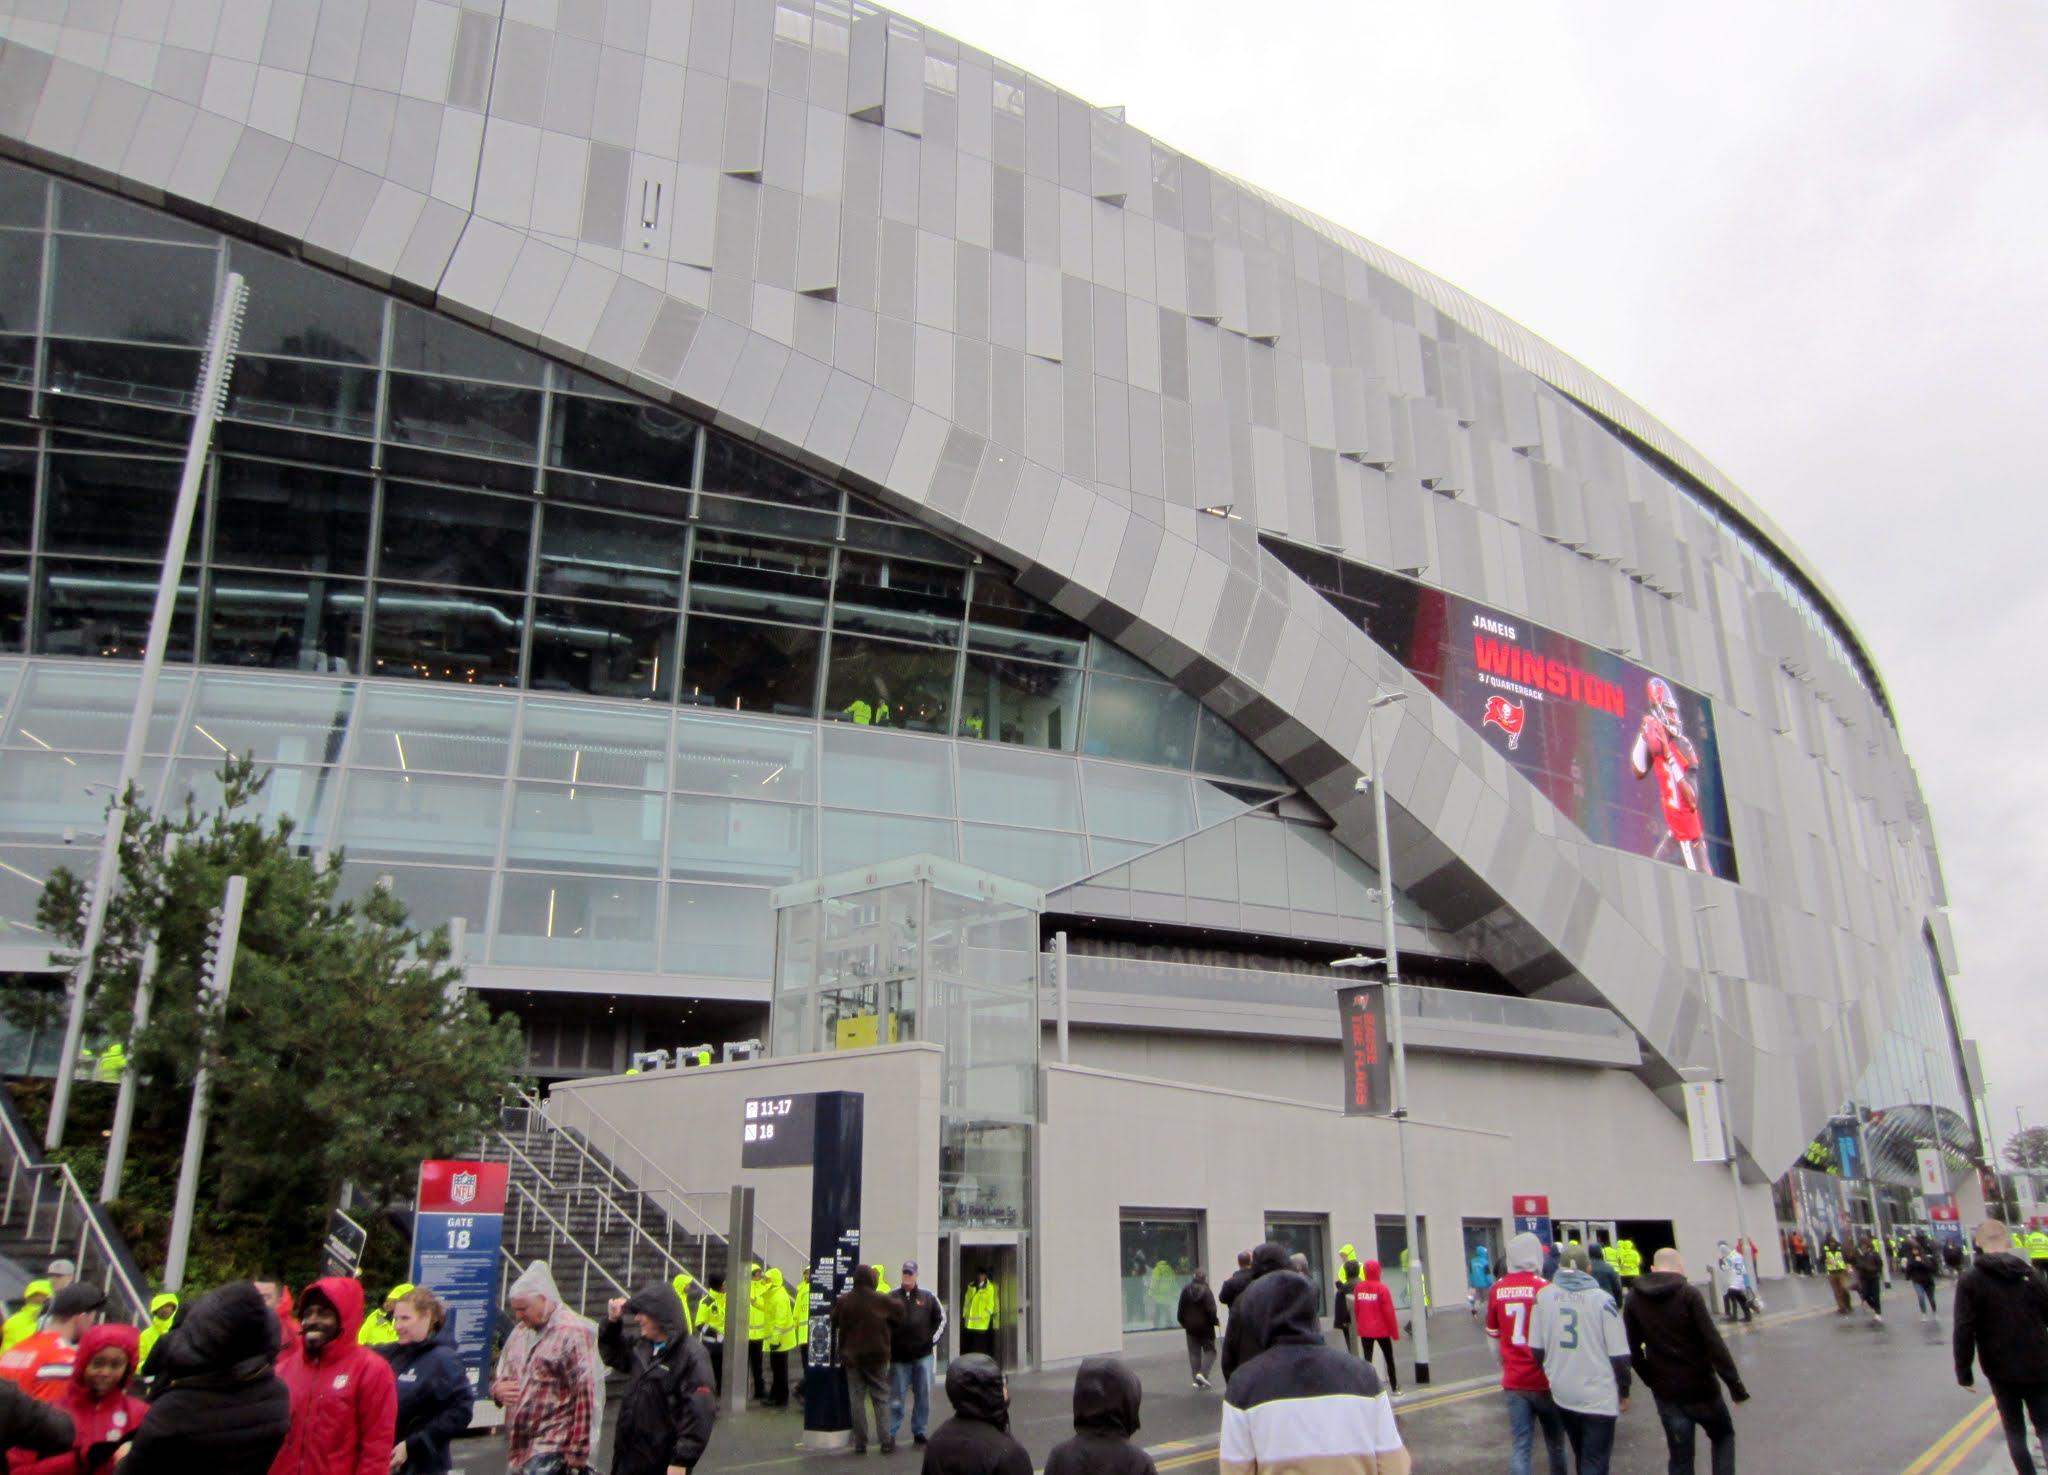 Tottenham Hotspur Stadium exterior